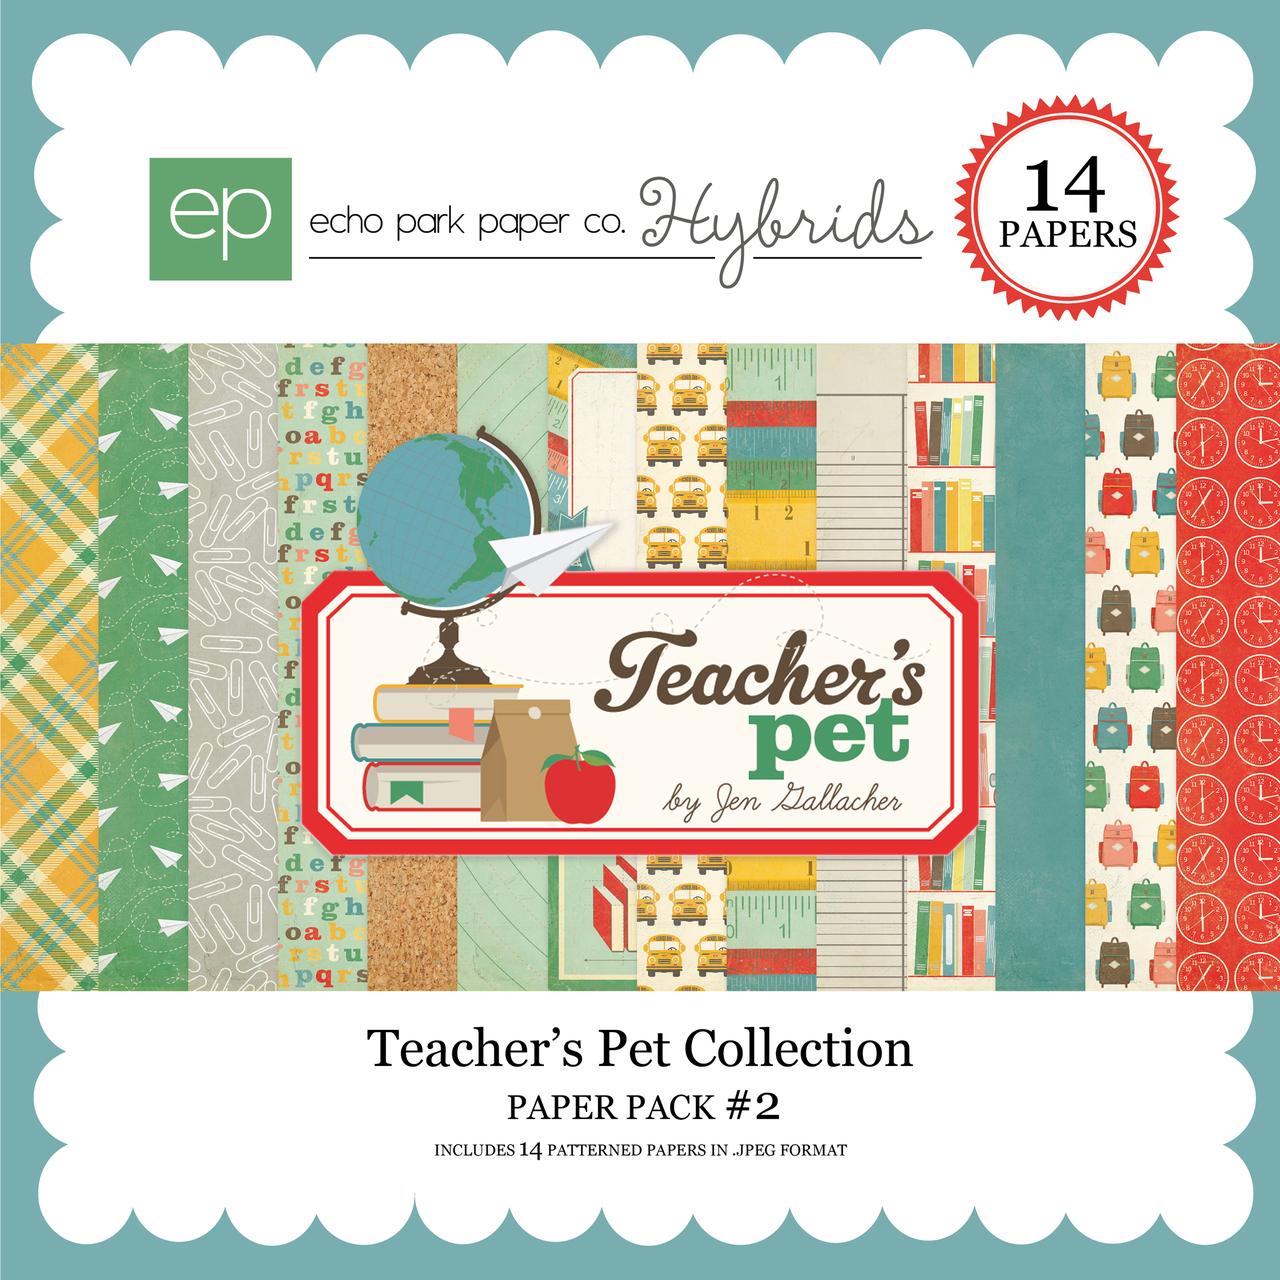 Teacher's Pet Paper Pack #2